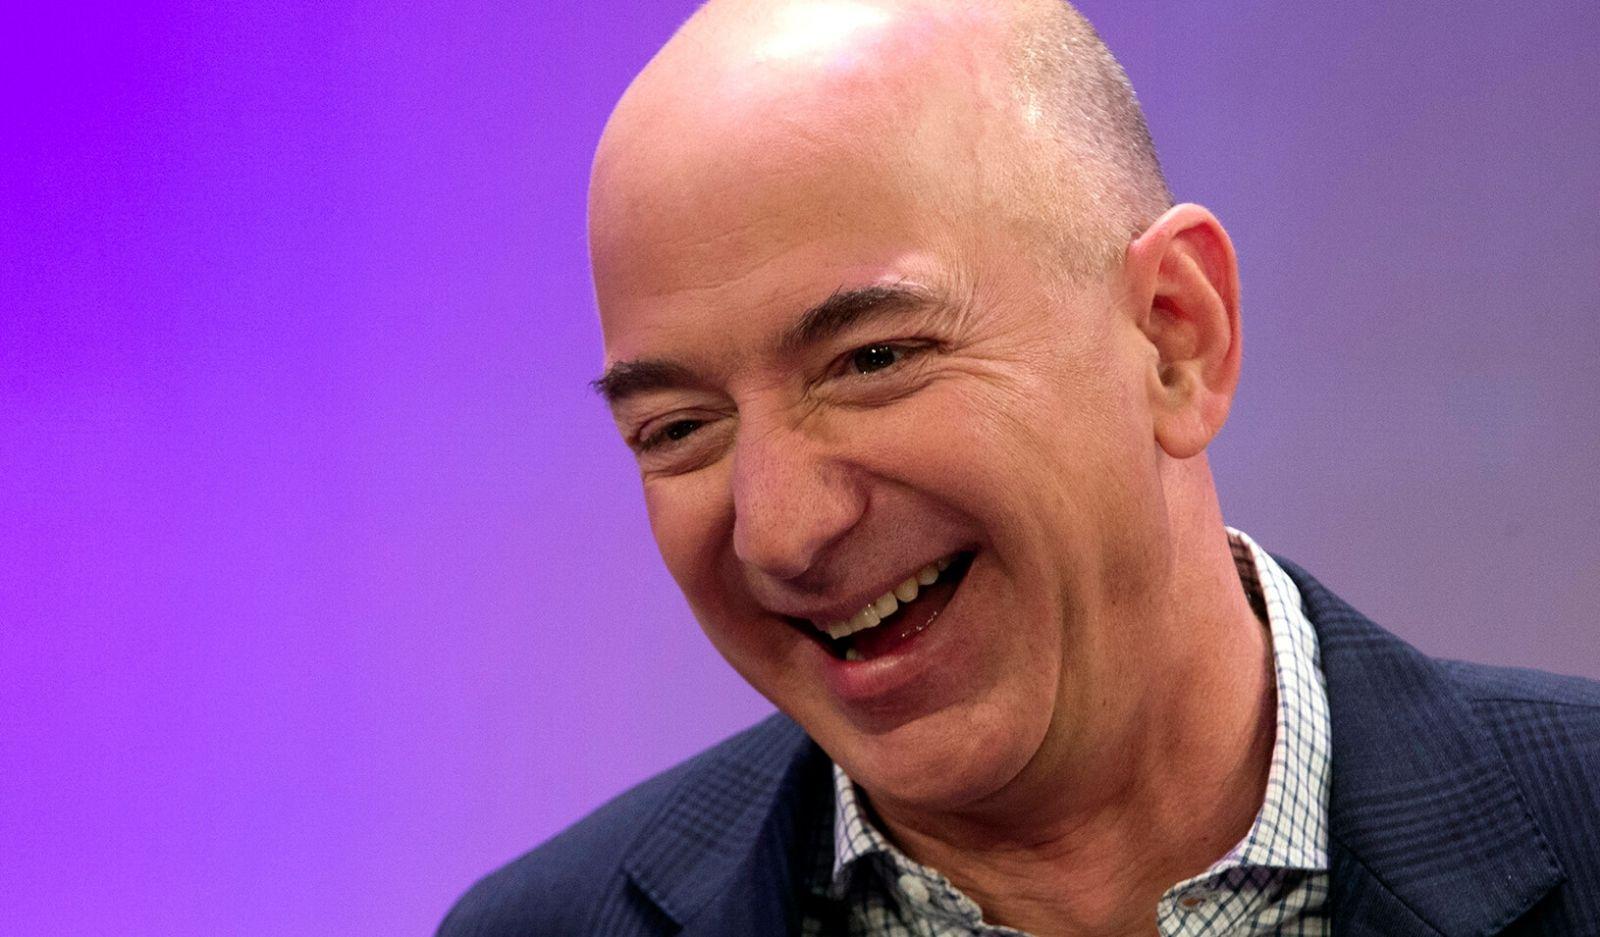 Dünyadaki en zengin insanlar - yeni bir derece